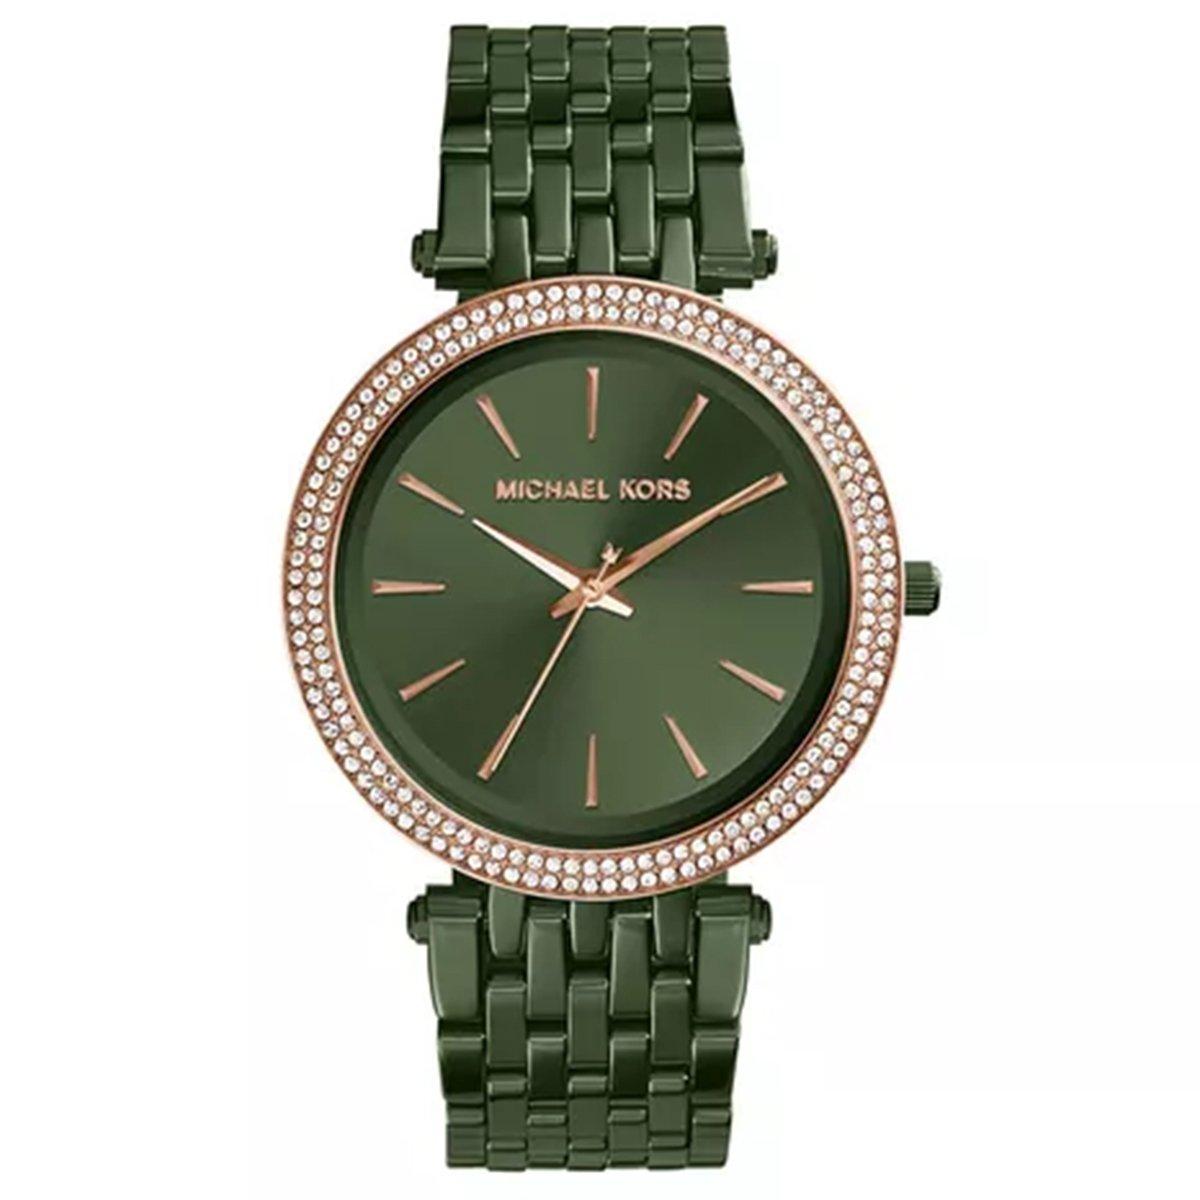 Compre Relógio Michael Kors Darci em 10X   Tri-Jóia Shop 19dea2cb11